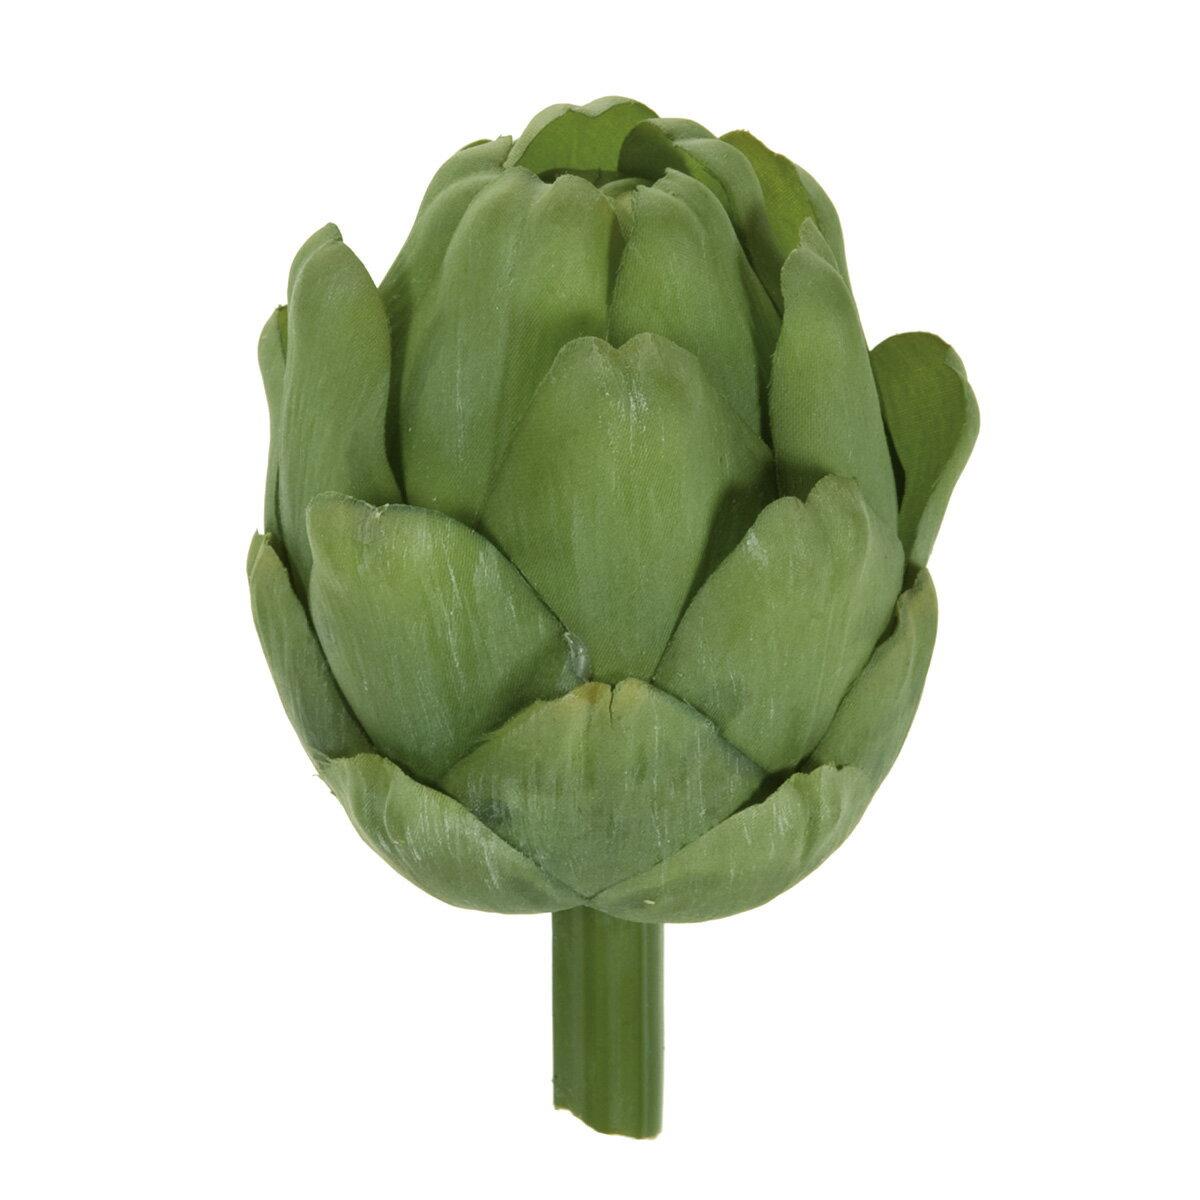 【造花】東京堂/モダンヌアーティチョーク #23 GREEN/FV000613-023【01】【取寄】《 造花(アーティフィシャルフラワー) 造花実物、フェイクフルーツ フルーツ、ベジタブル 》